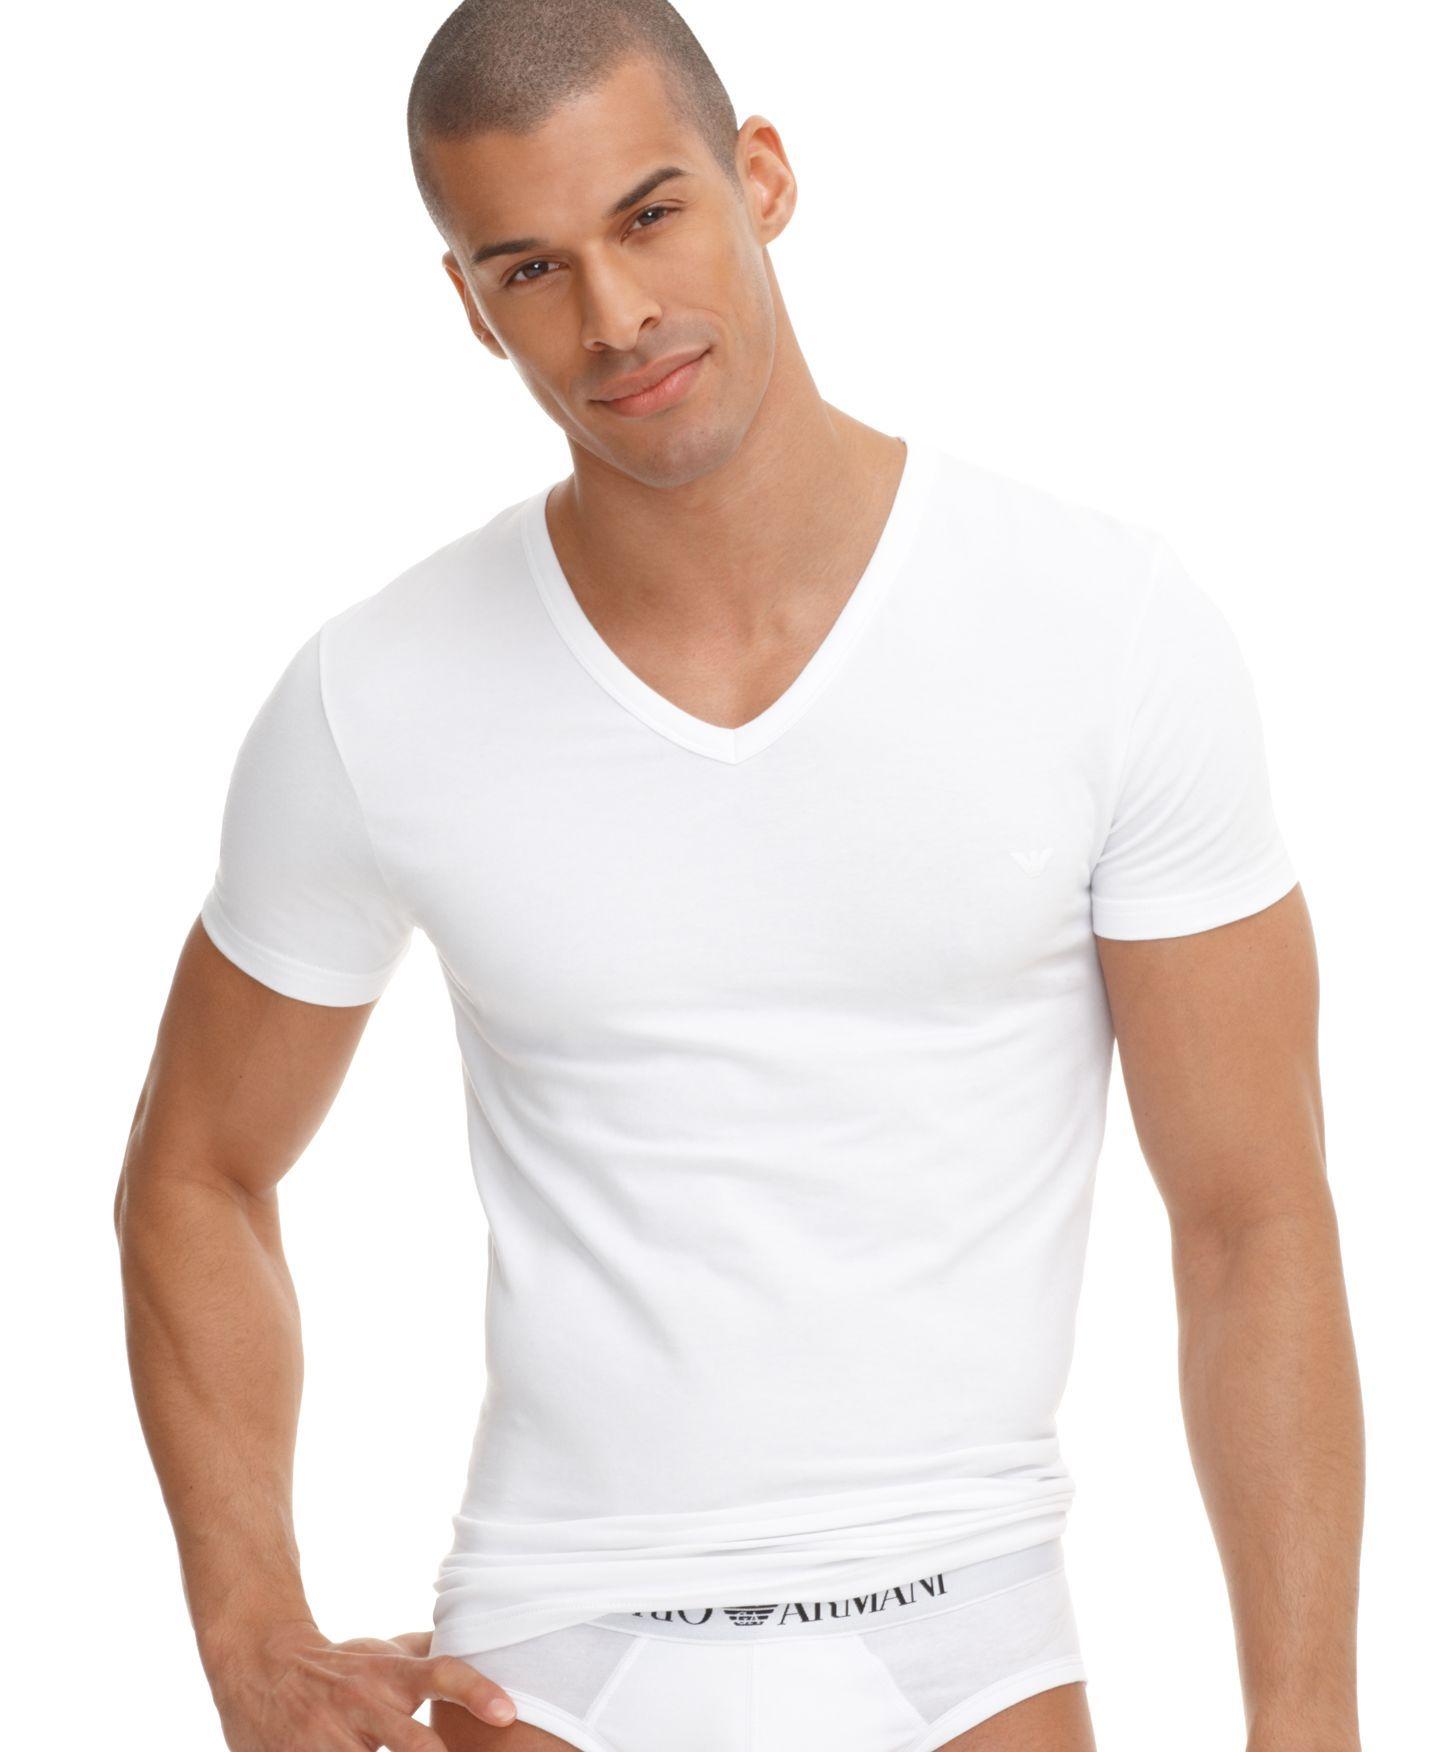 44b7f6208abf Emporio Armani Men's Underwear, Stretch Cotton V Neck T Shirt ...